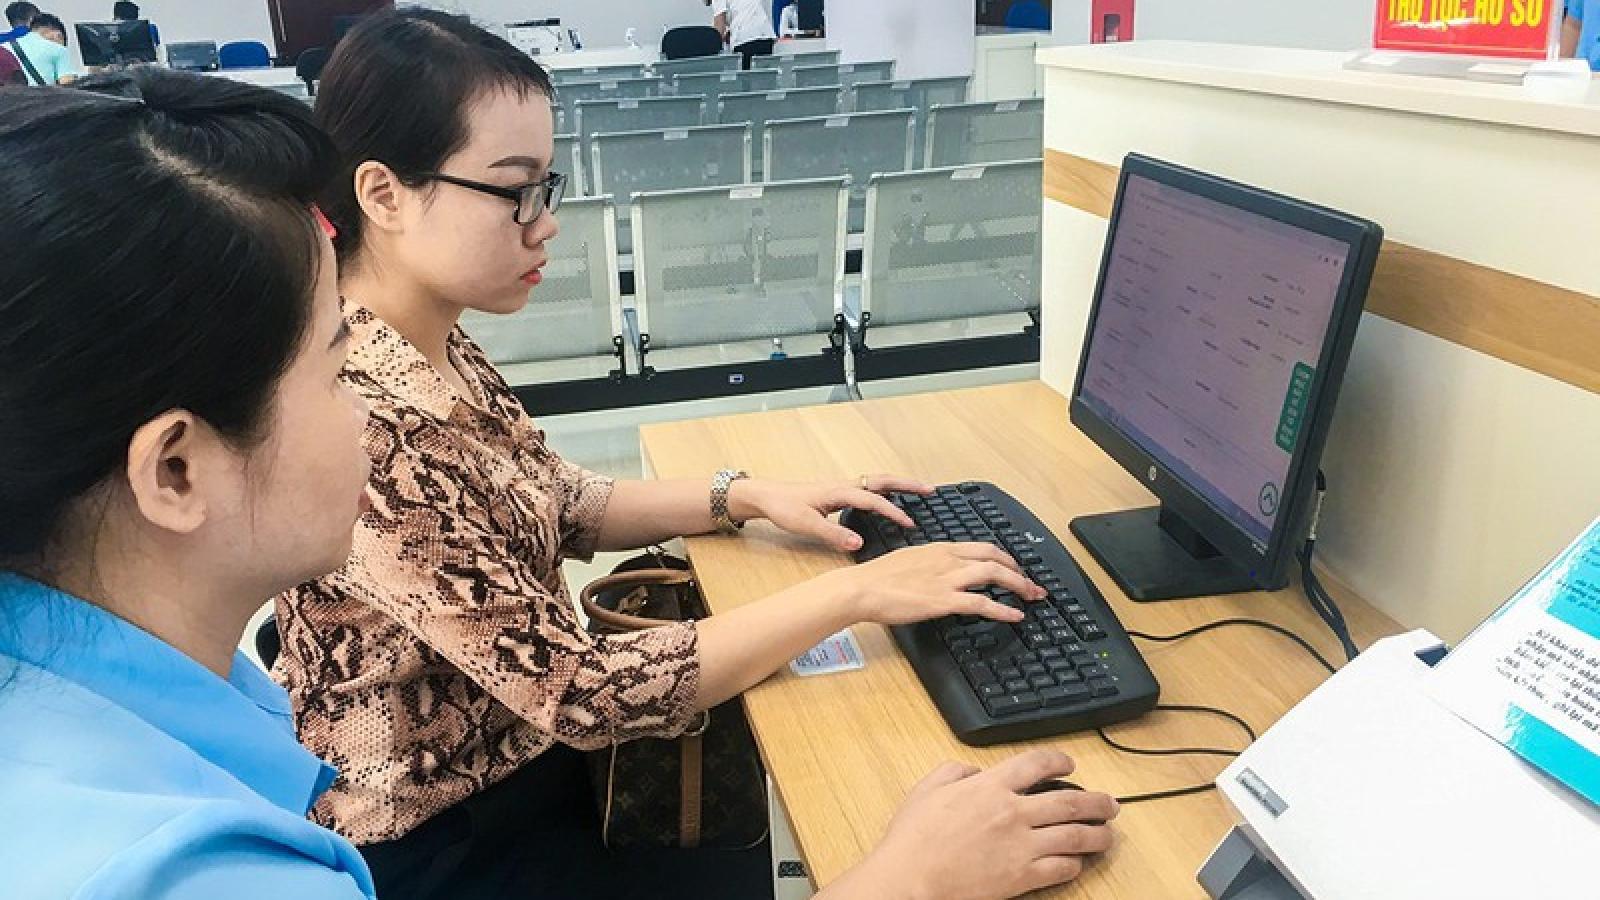 Viettel có thể ngắt toàn bộ dich vụ công của Hà Nội vì chậm thanh toán